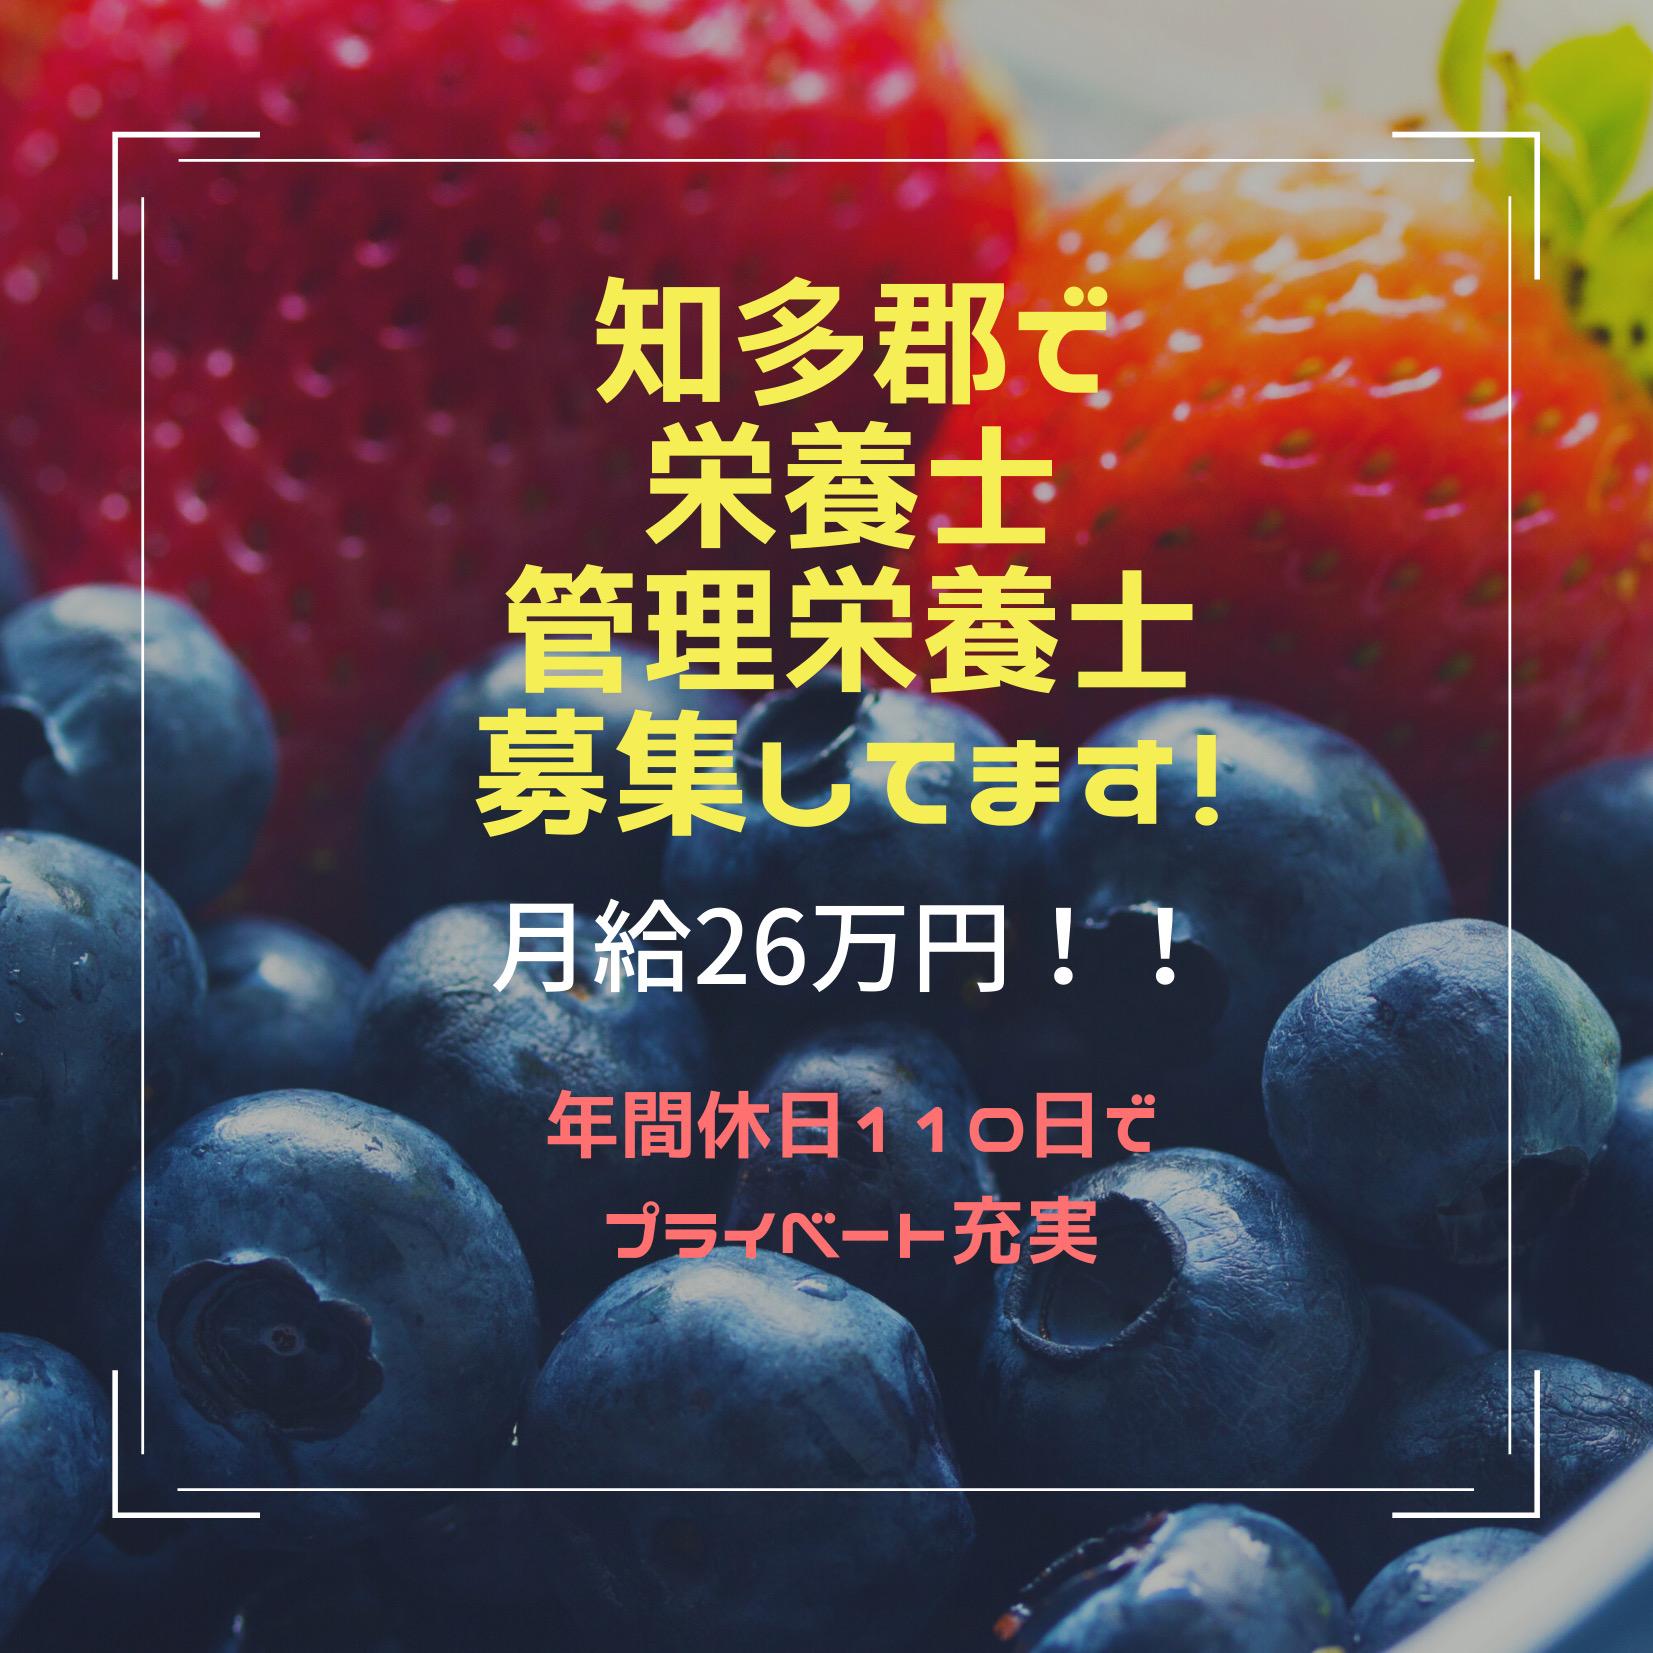 愛知県知多郡で「栄養士・管理栄養士」のお仕事!交通費支給あります☆彡 イメージ